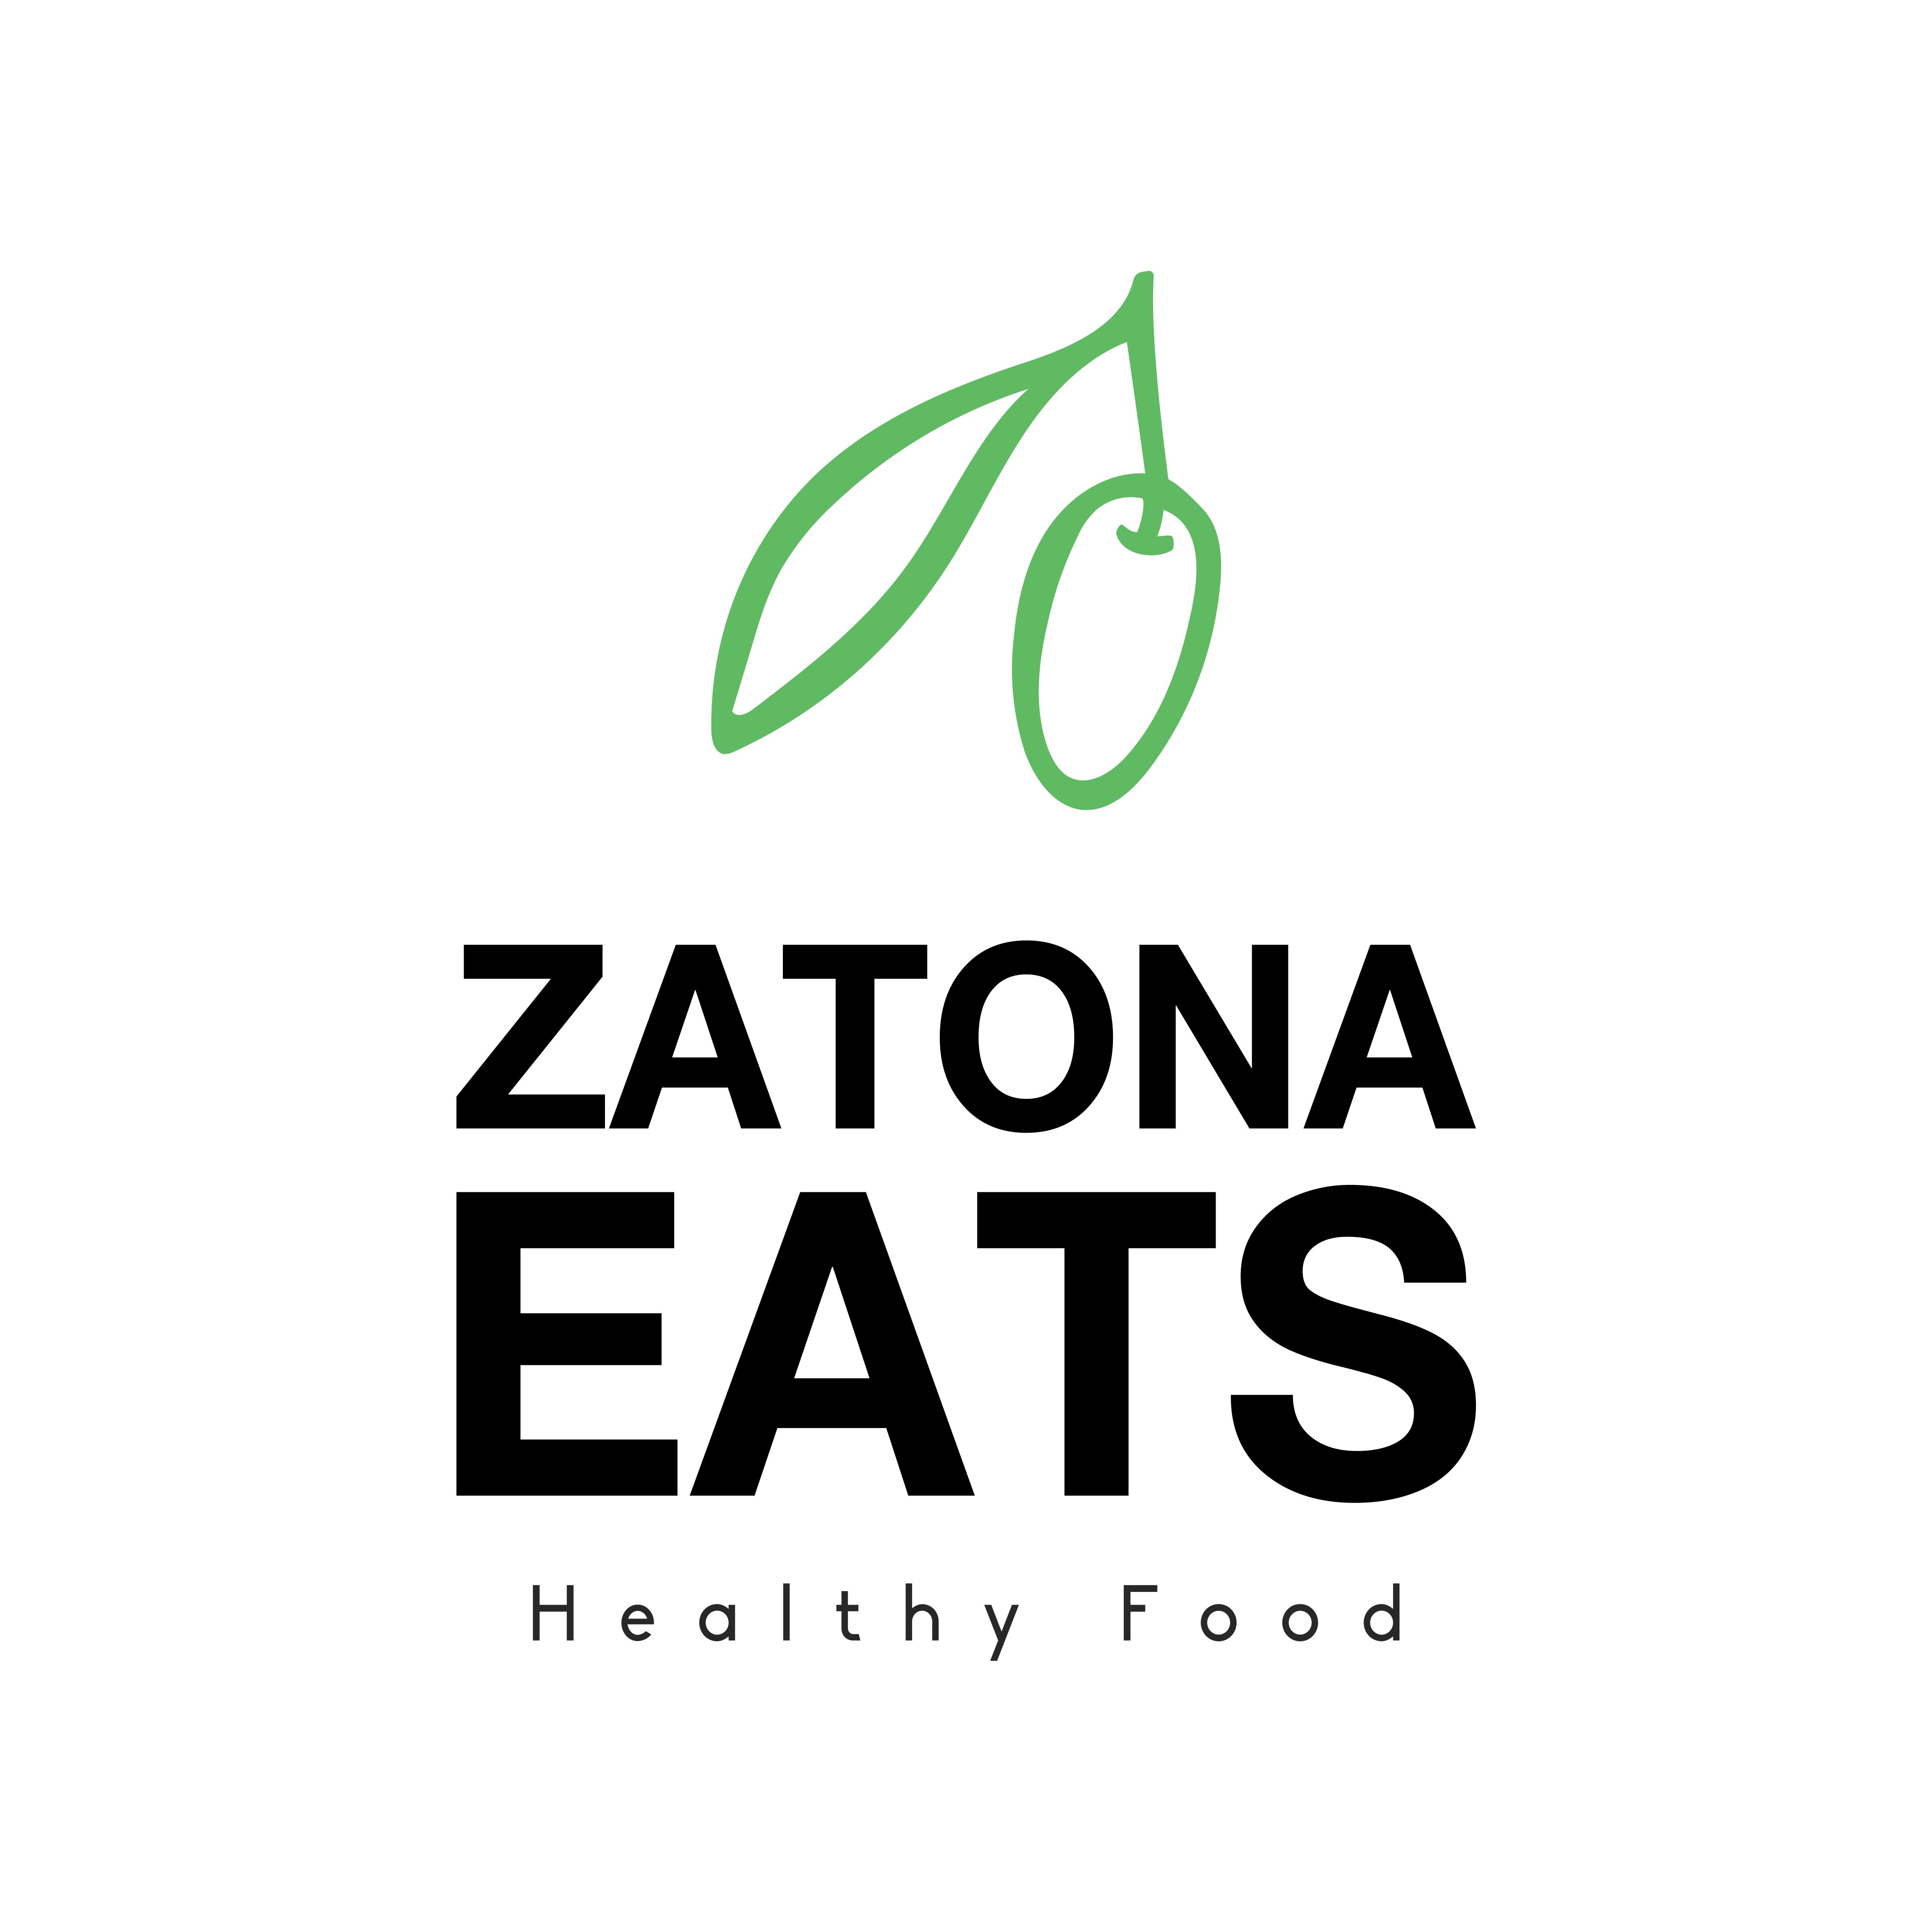 Zatona Eats